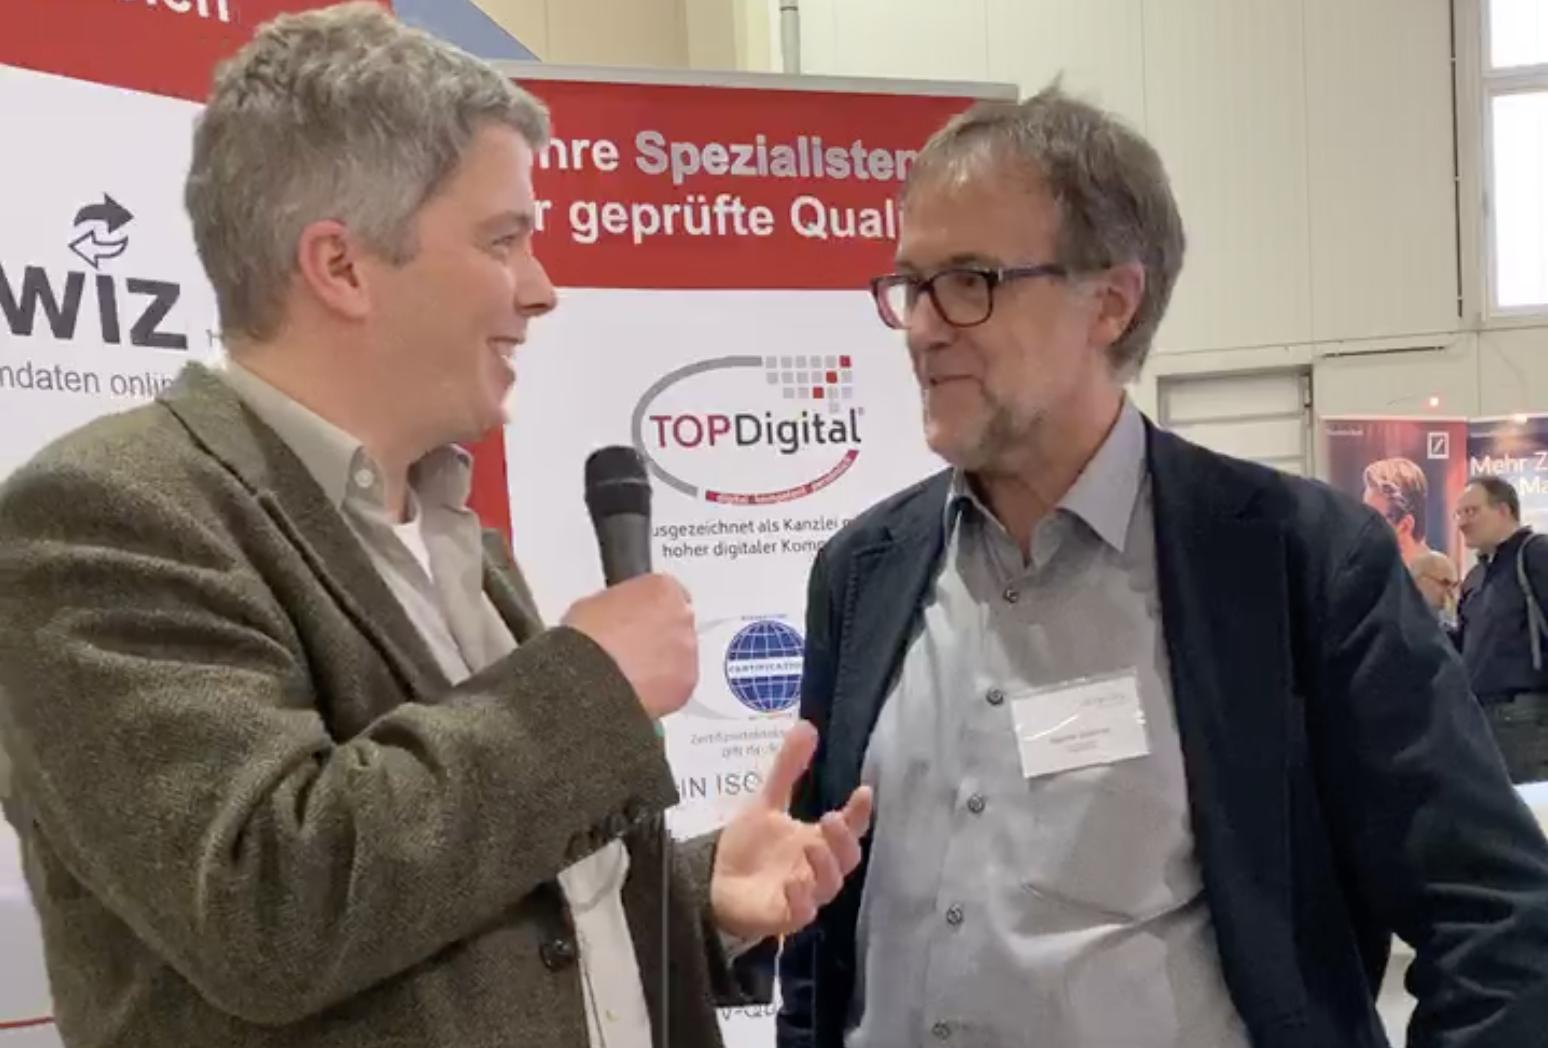 Werner Buchner, topdigi.org